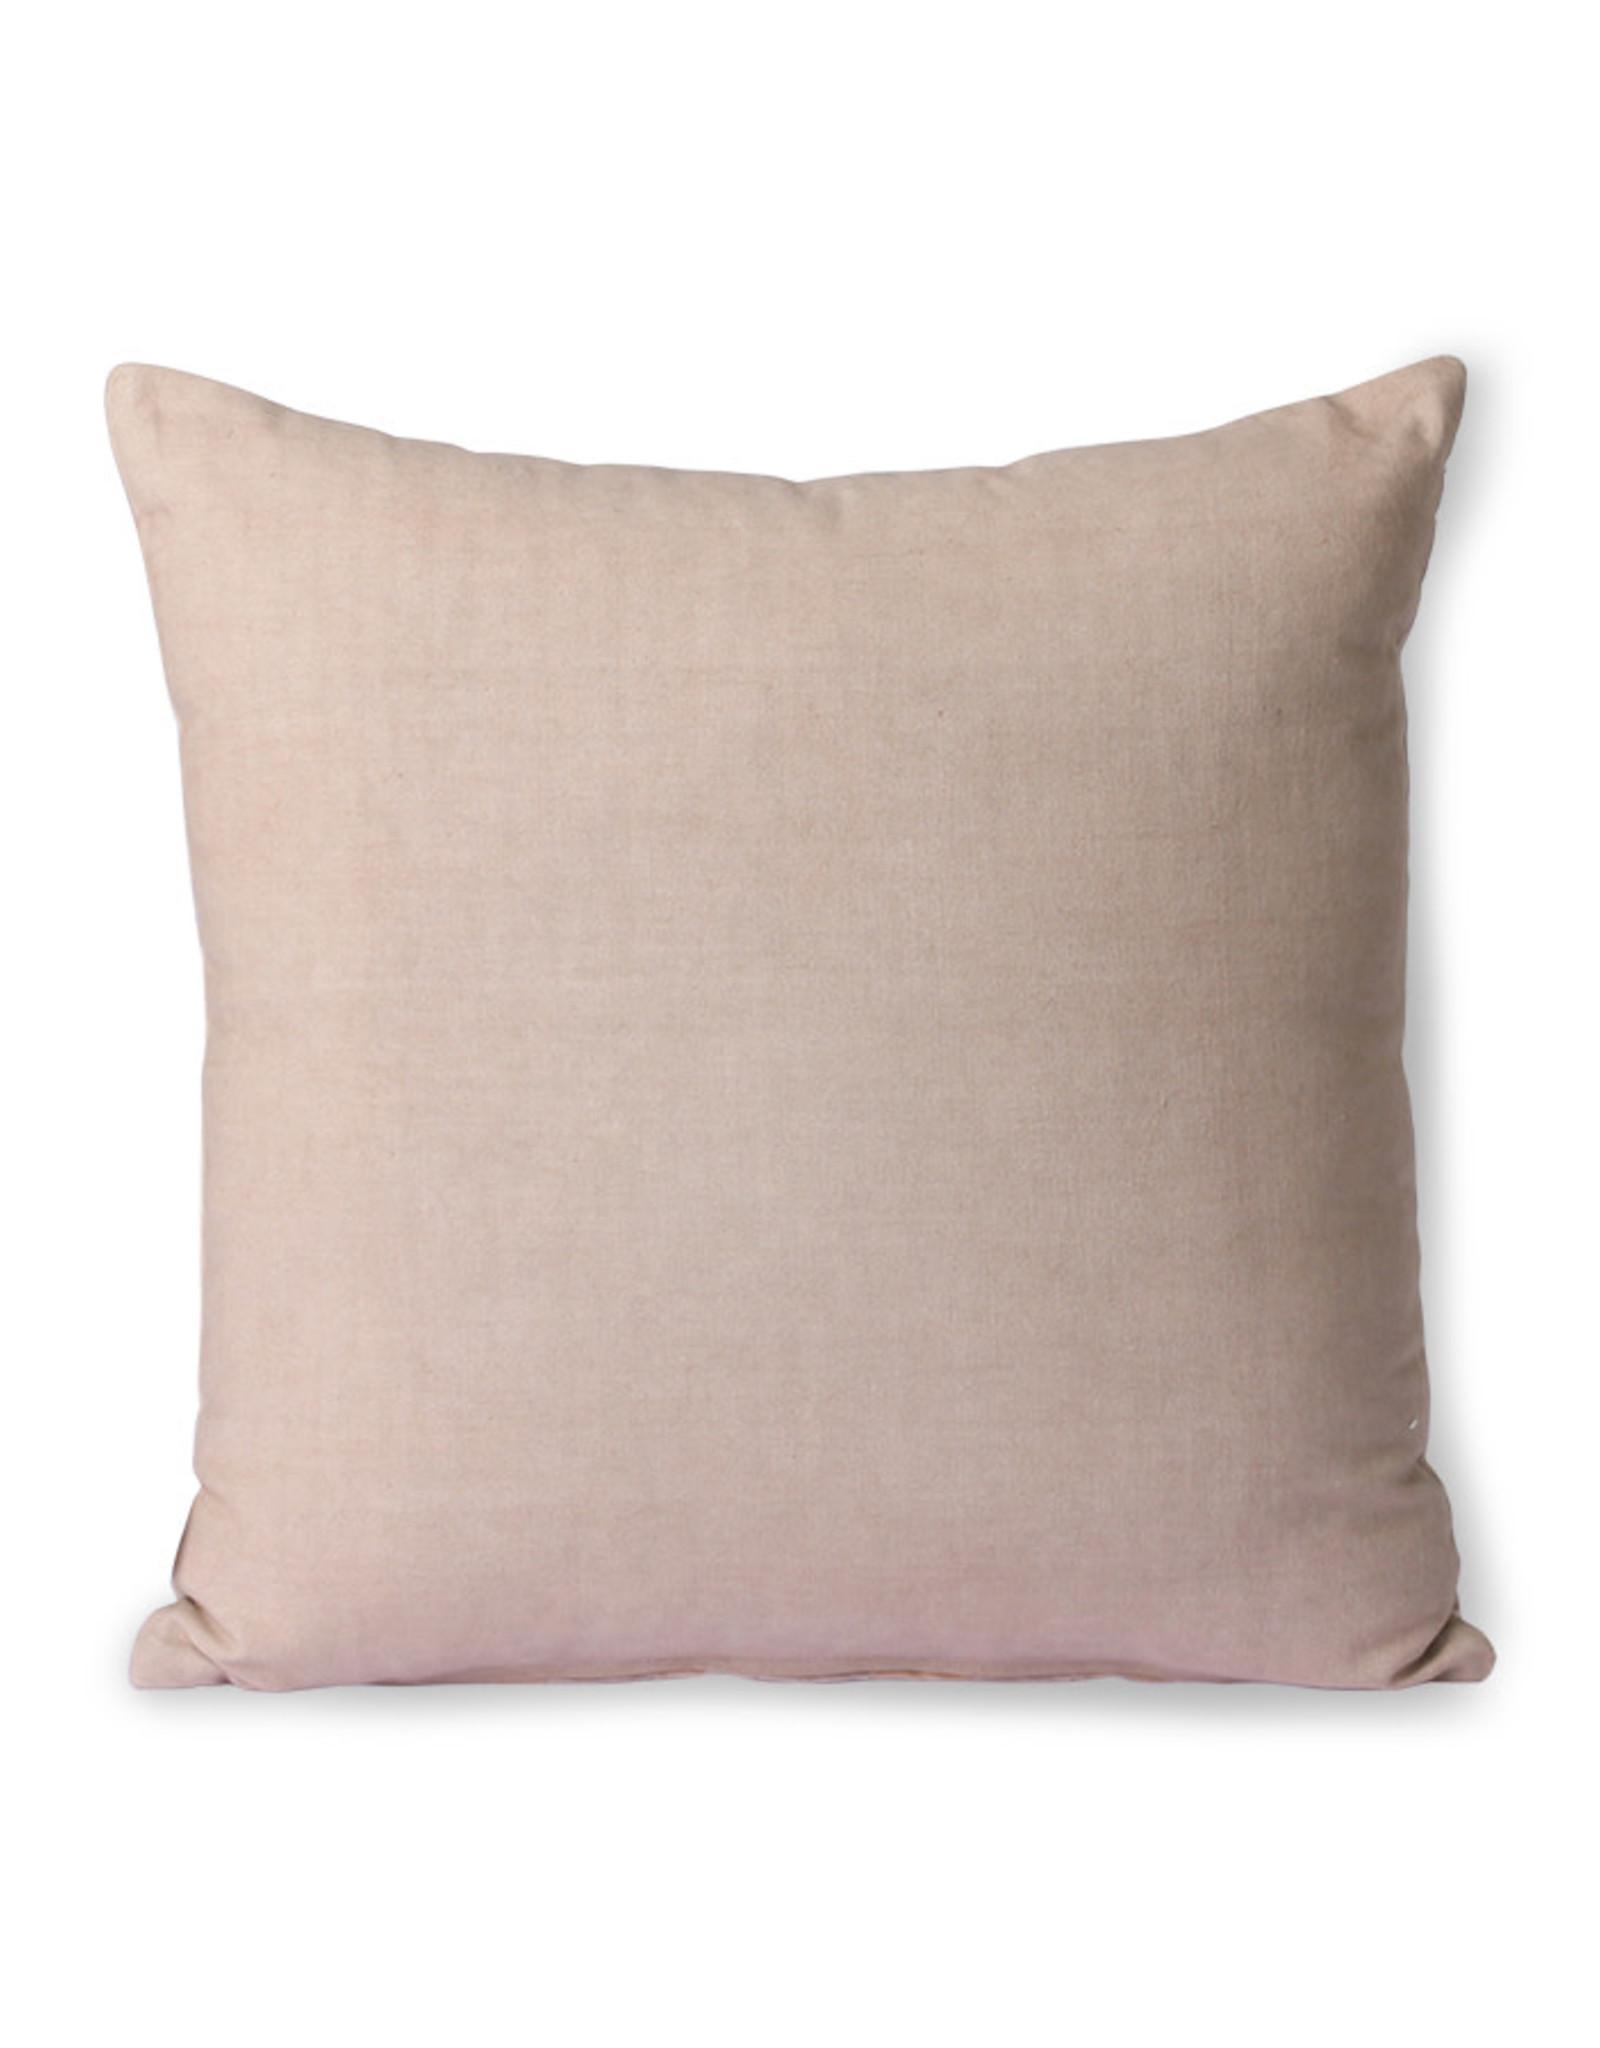 HKliving HK Living Striped Velvet Cushion Beige/Liver 40x40cm